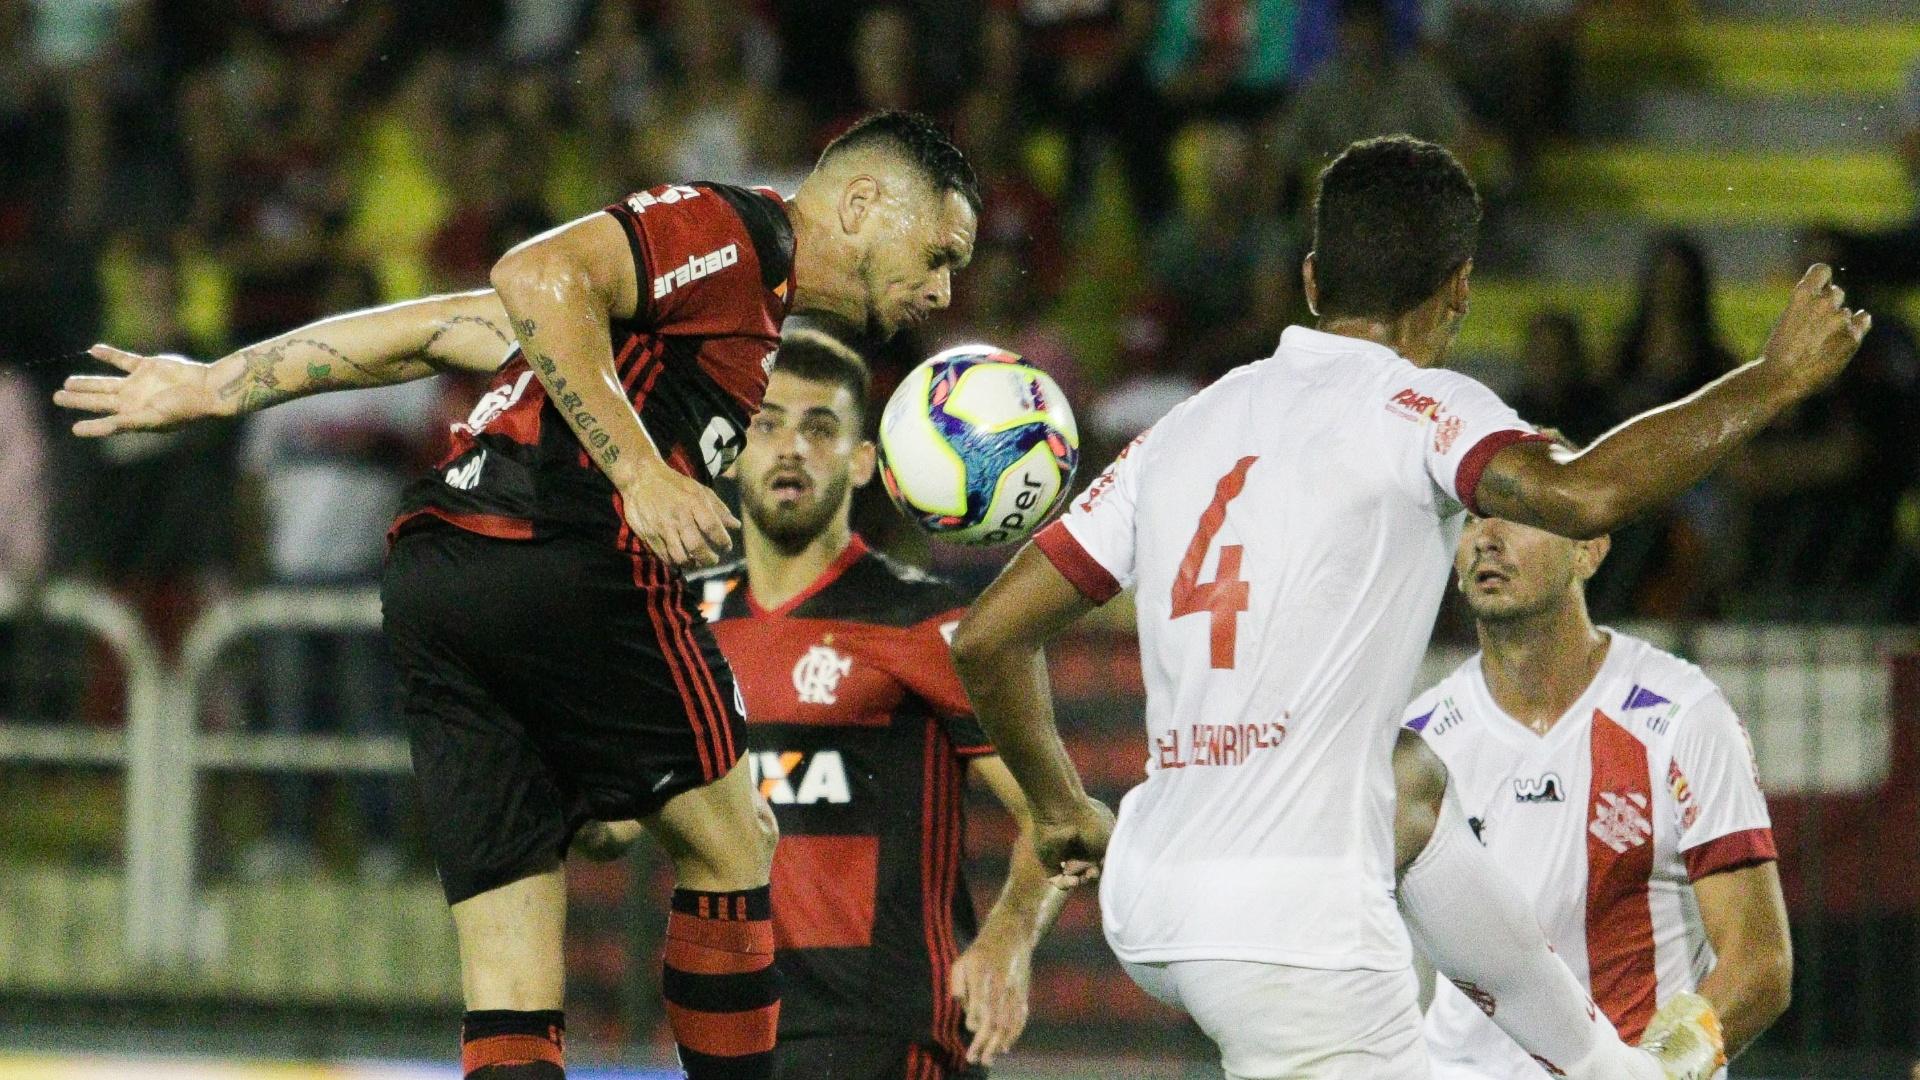 Pará, do Flamengo, disputa a bola com jogadores do Bangu